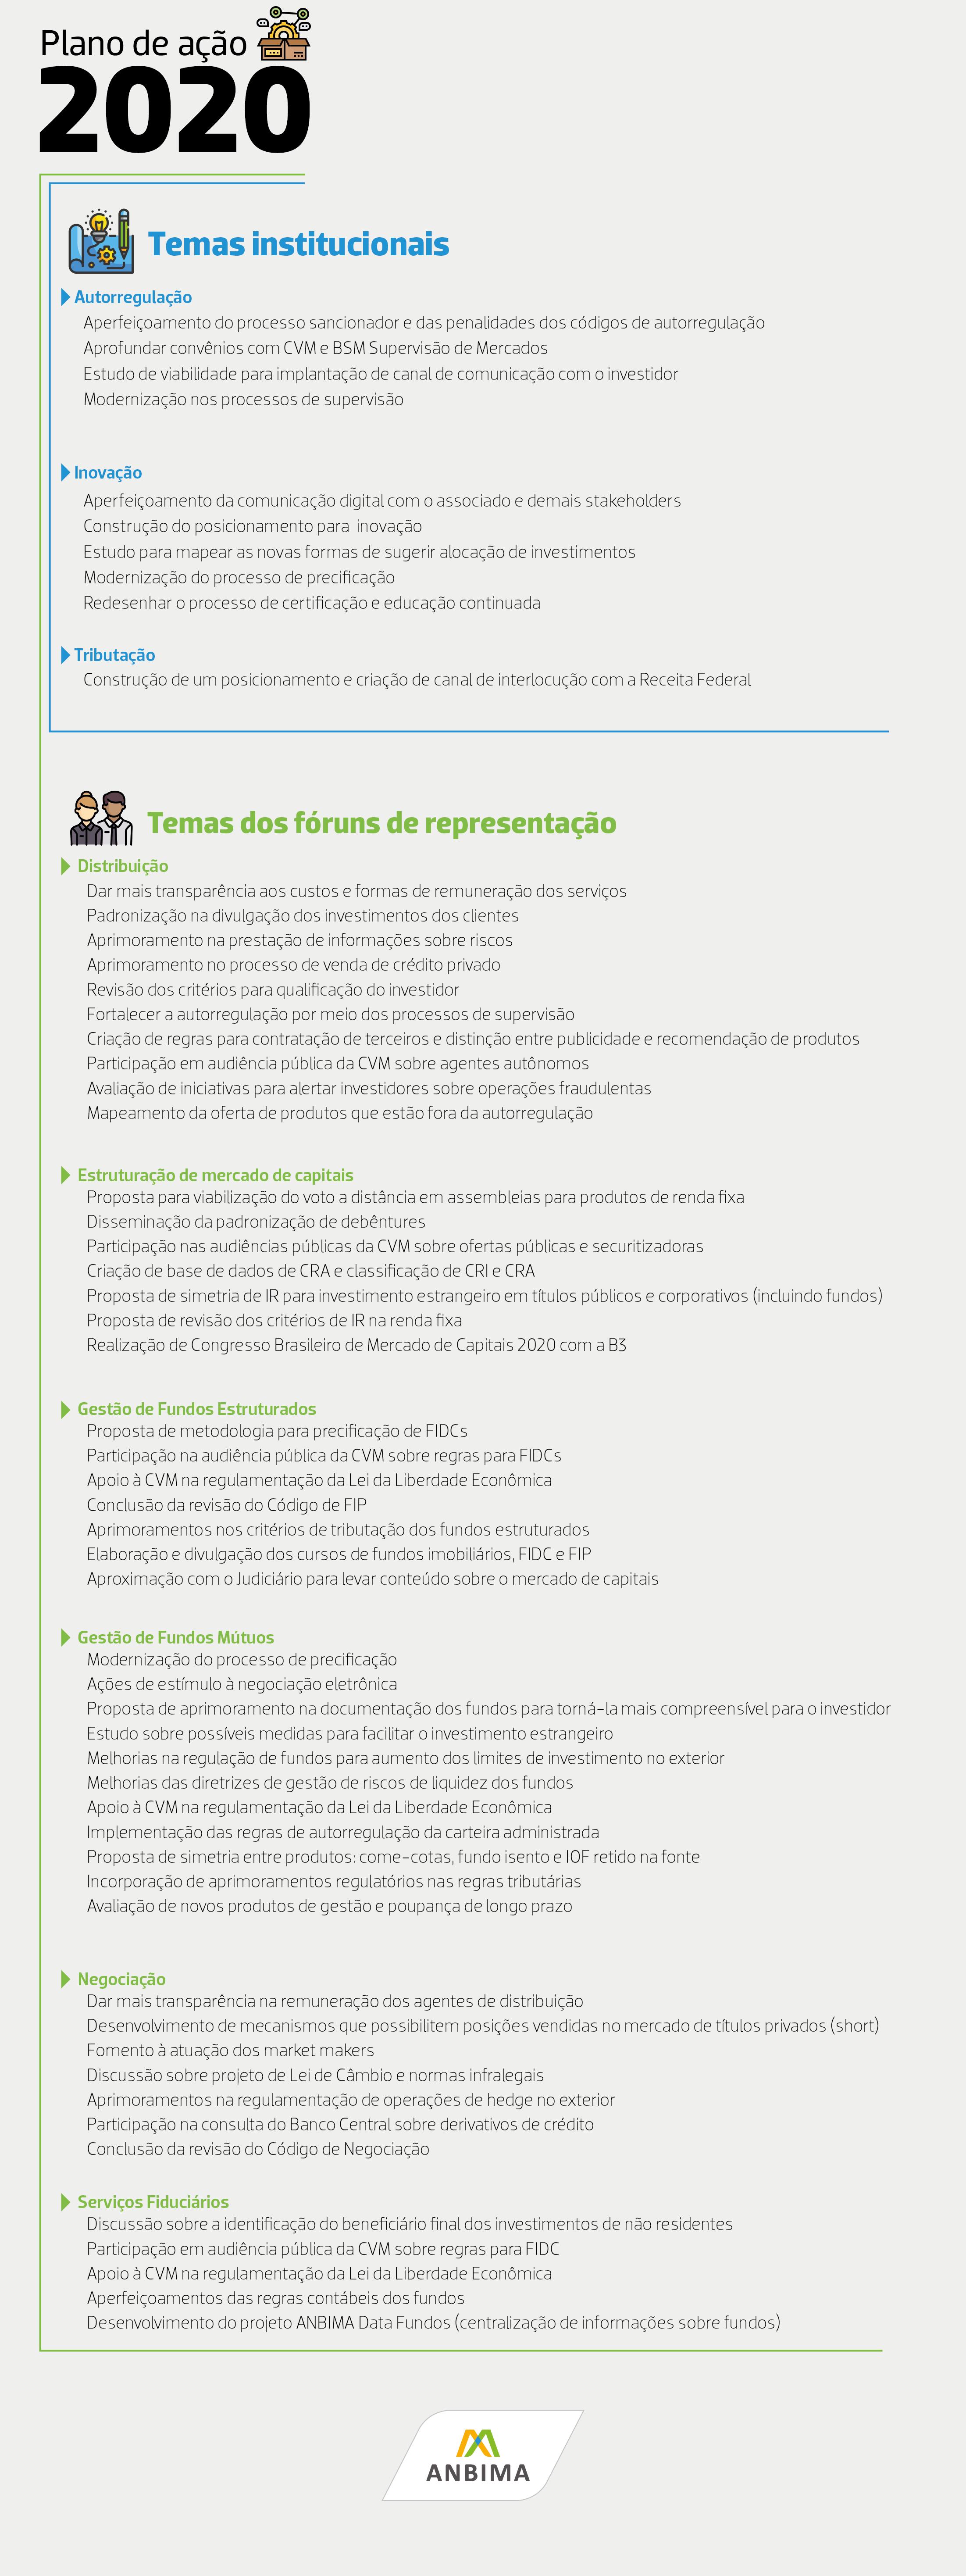 Plano-Acao-2019-Focos-atuacao.jpg